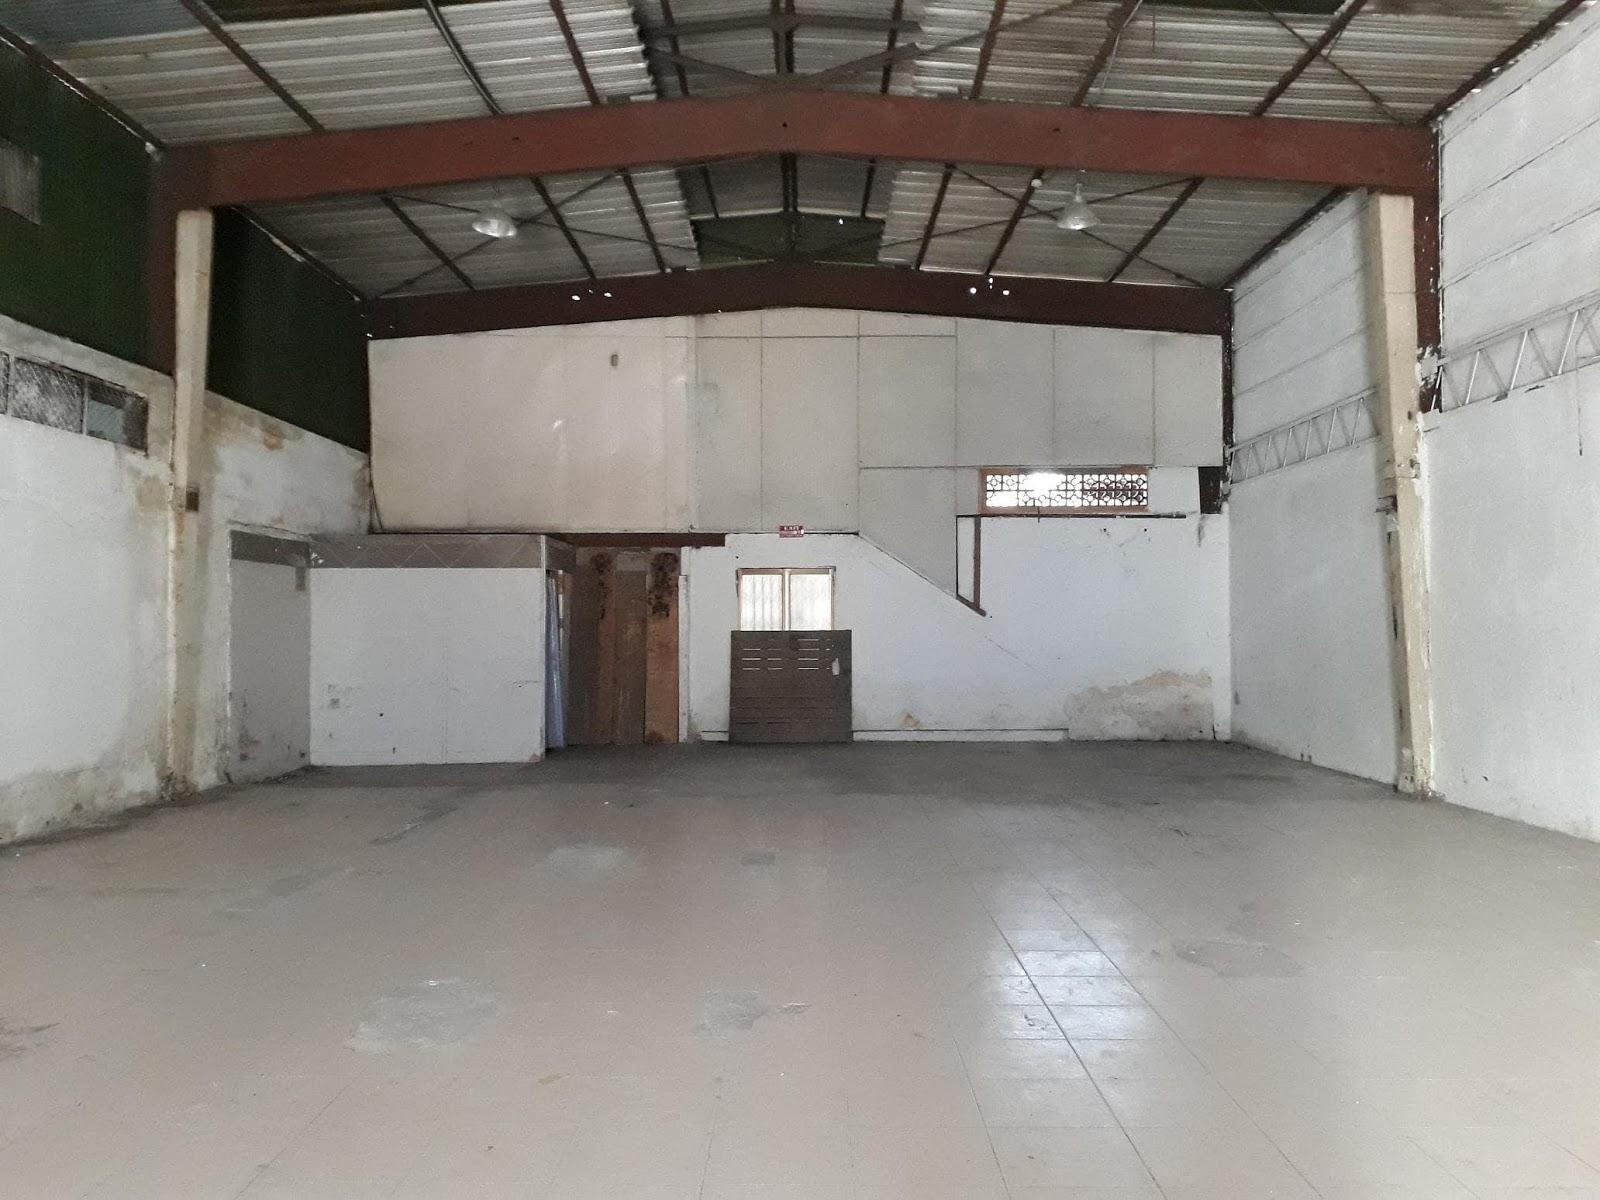 Kho xưởng được dọn sạch sẽ sau di dời